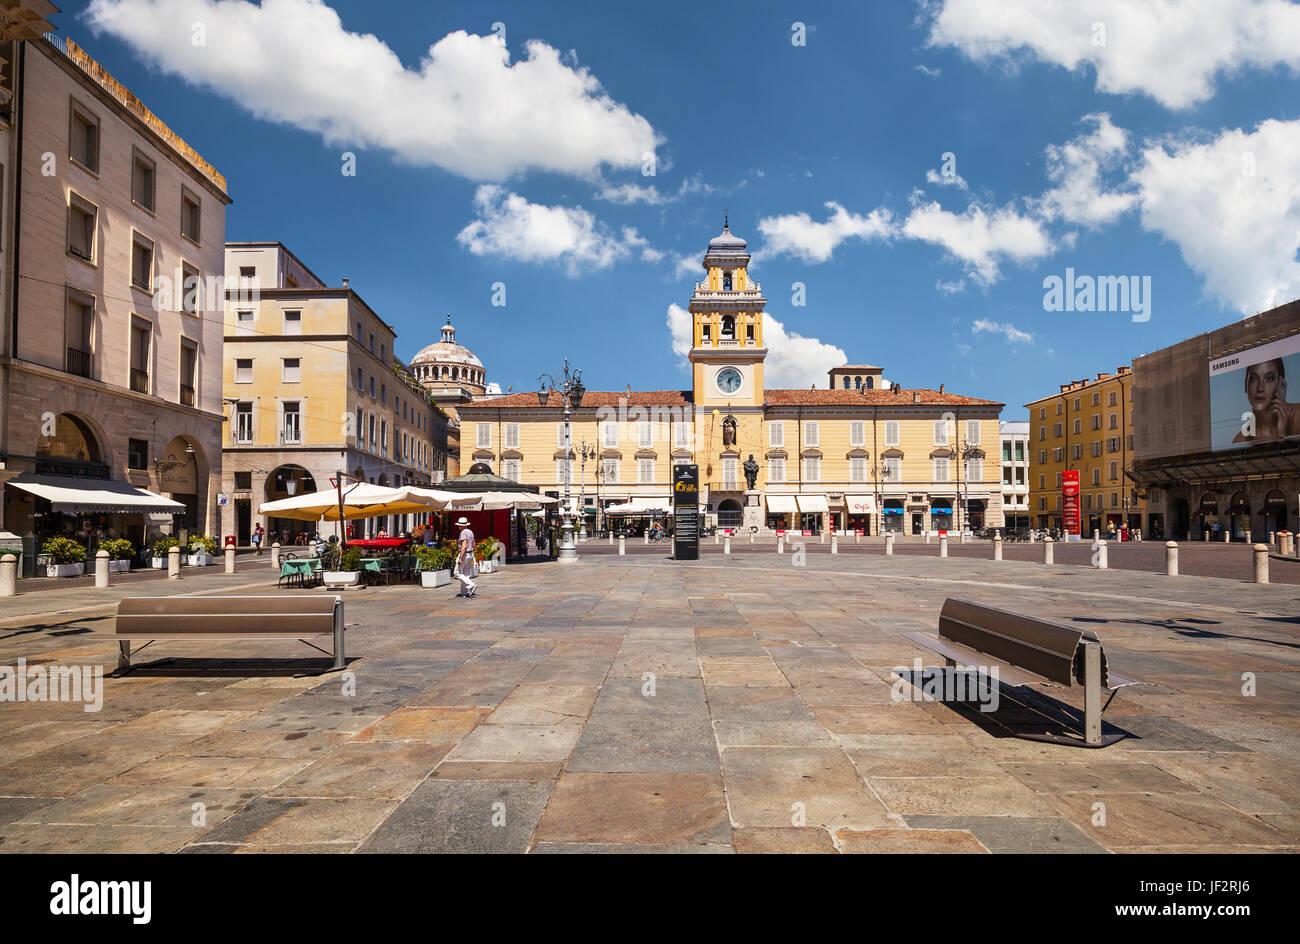 Piazza Garibaldi. Parma - Stock Image